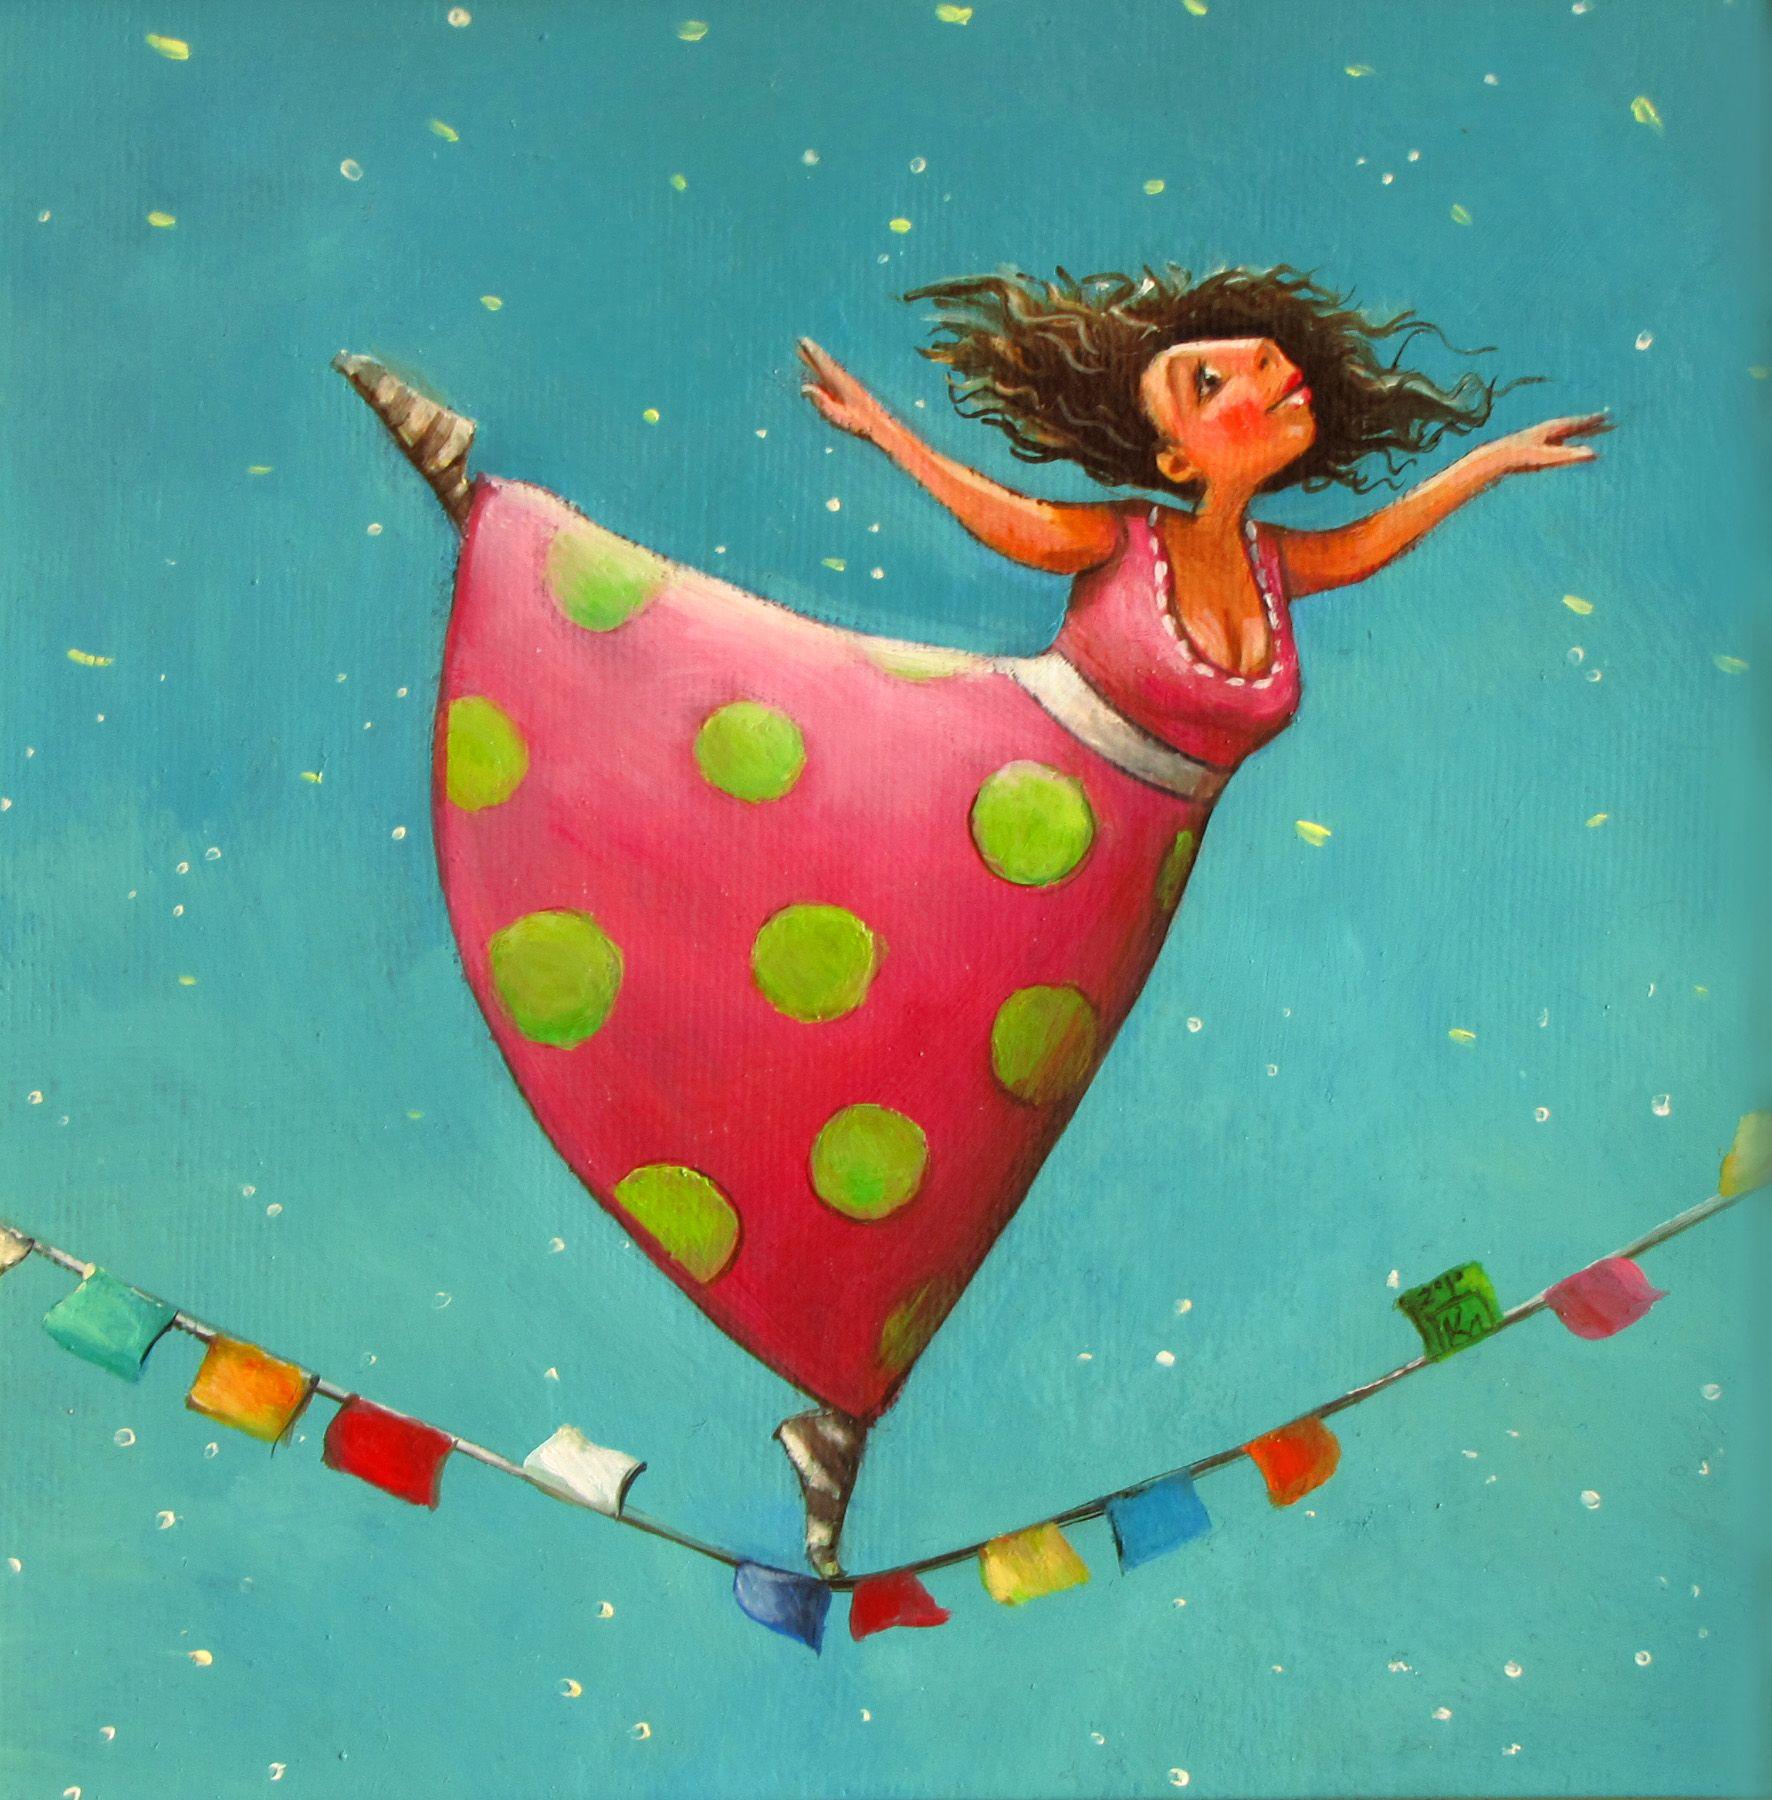 Парагвая, позитивные открытки с днем рождения прыгающие подарки